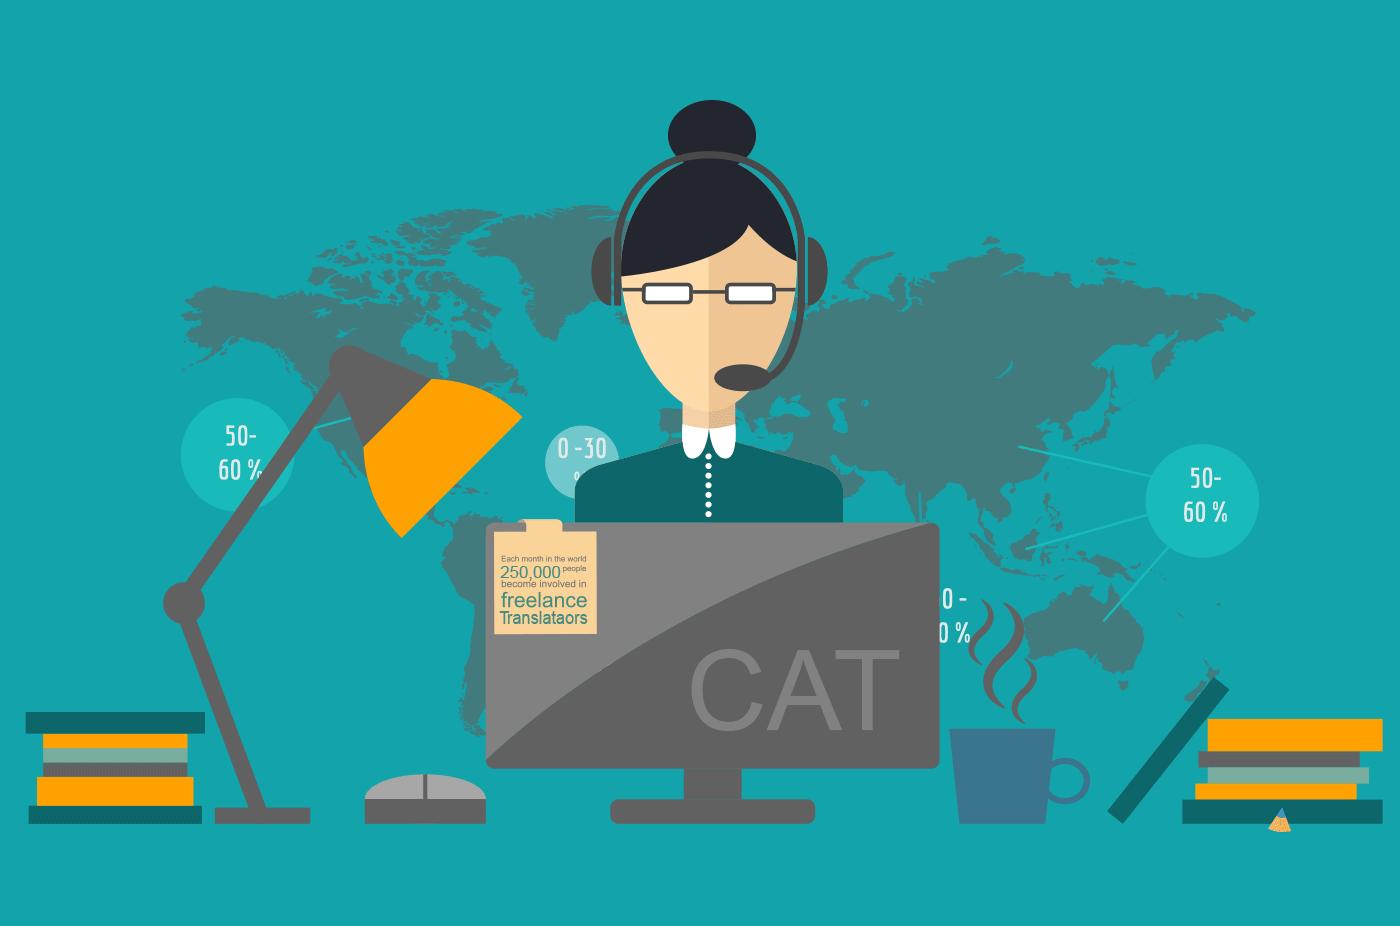 cat-tools